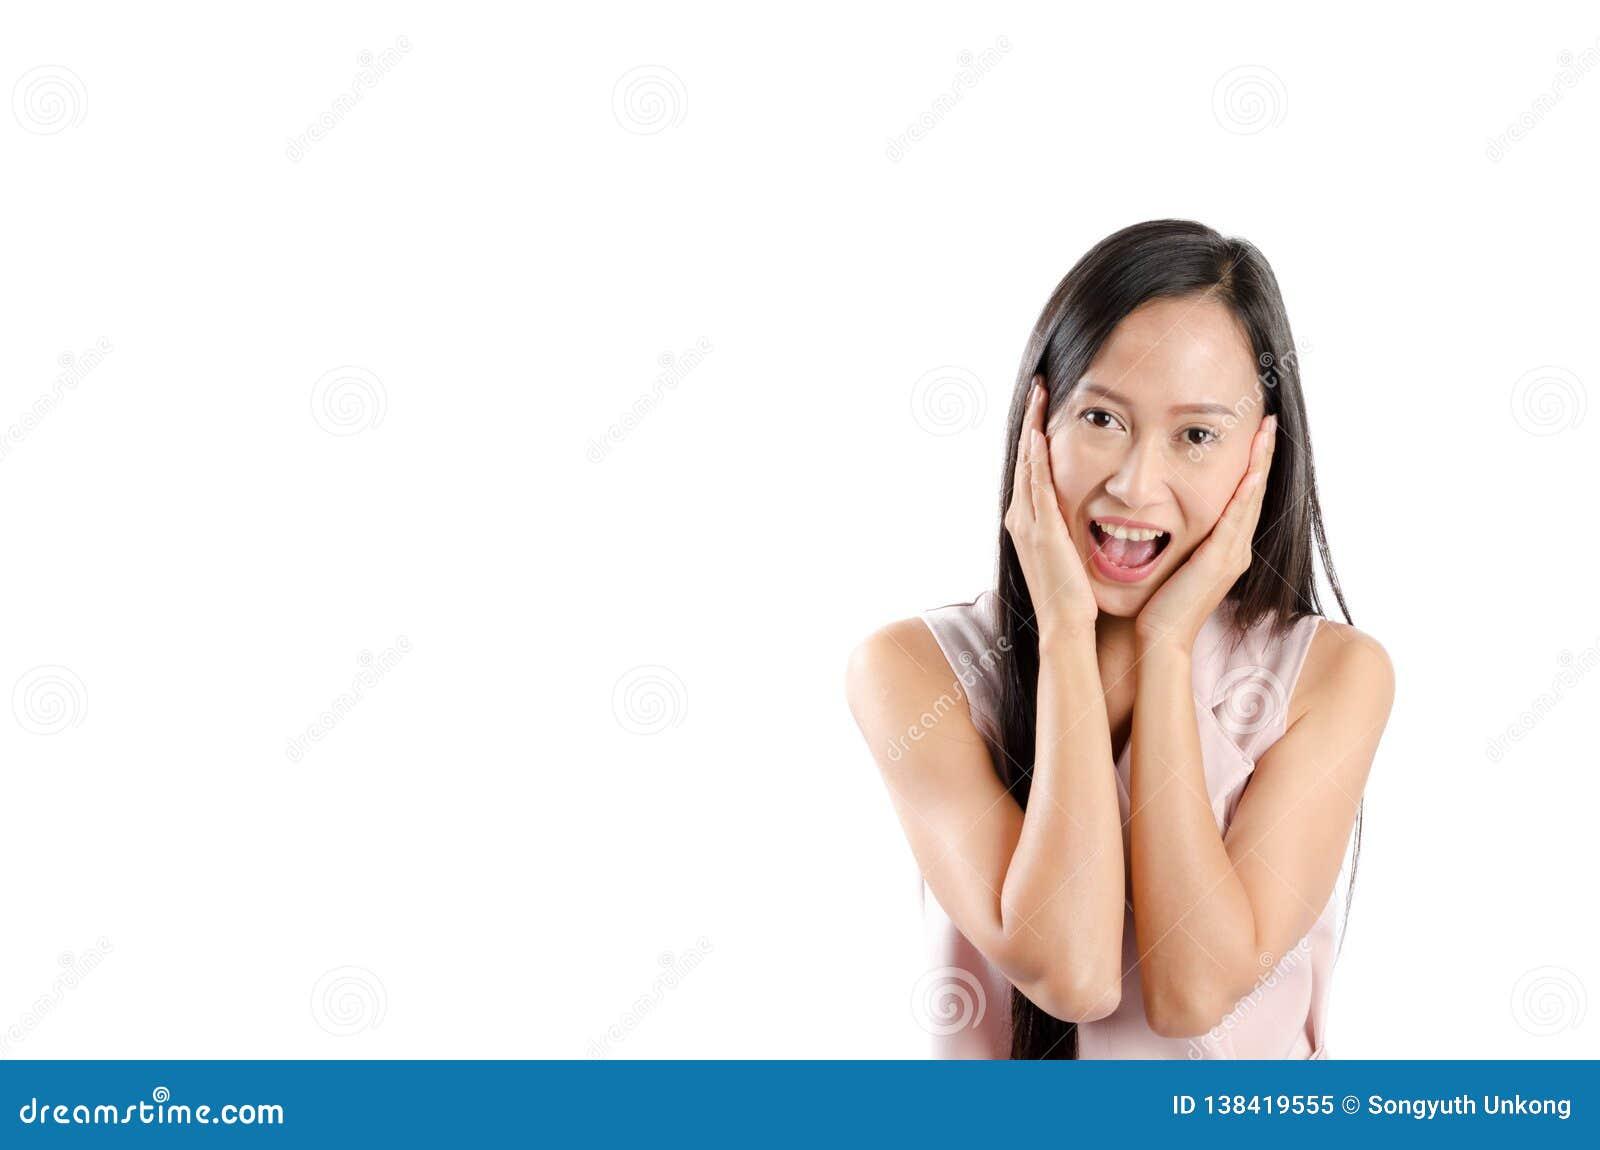 Ståendefoto av den asiatiska kvinnan med den lyckliga uttrycksframsidan och leende